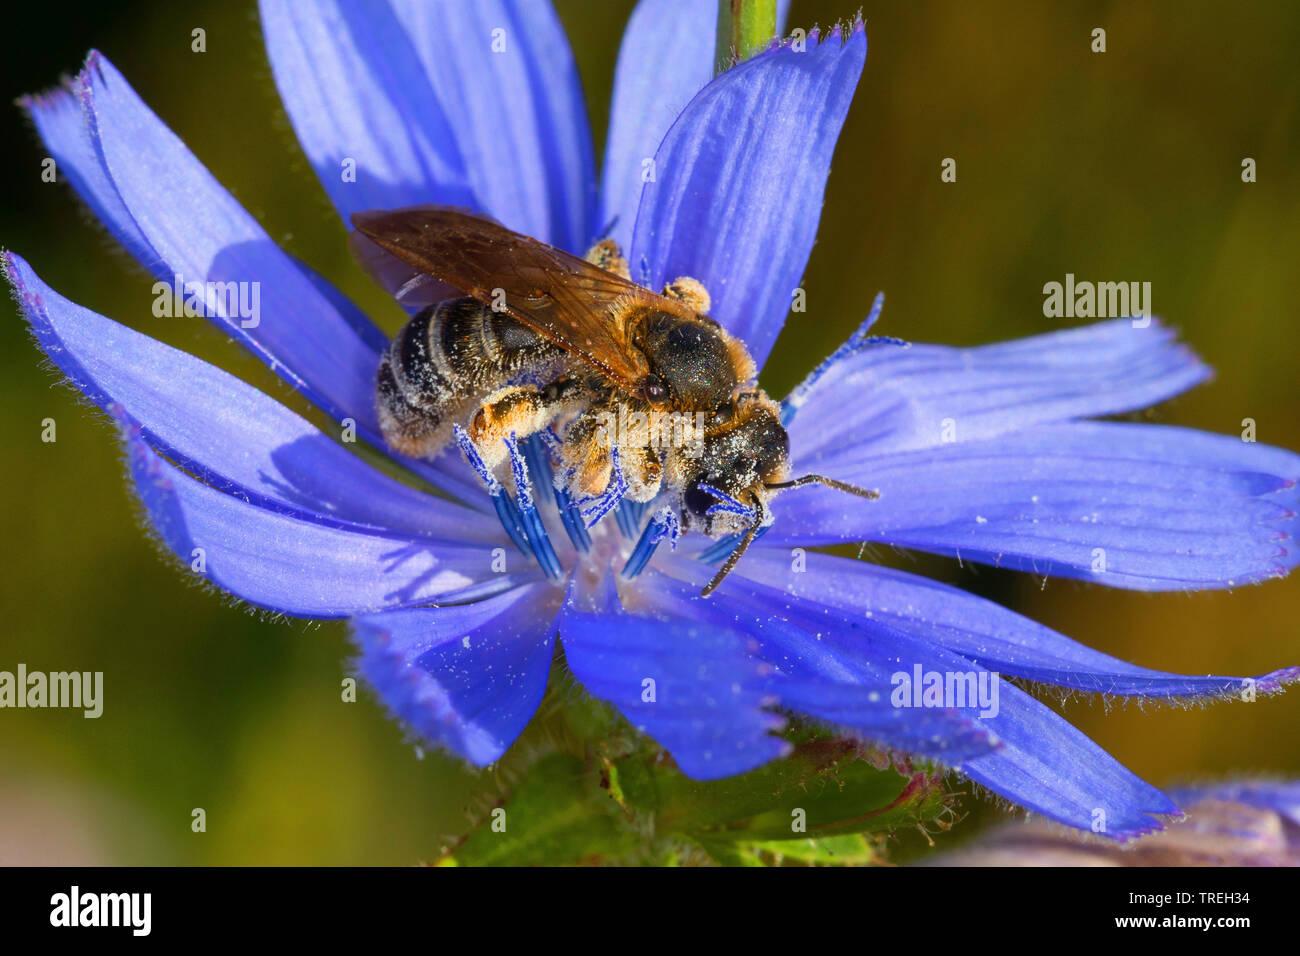 Sechsbindige Furchenbiene, Weissbindige Furchenbiene (Halictus cf. sexcinctus), Bluetenbesuch an Wegwarte, Cichorium intybus, Deutschland | six-banded - Stock Image